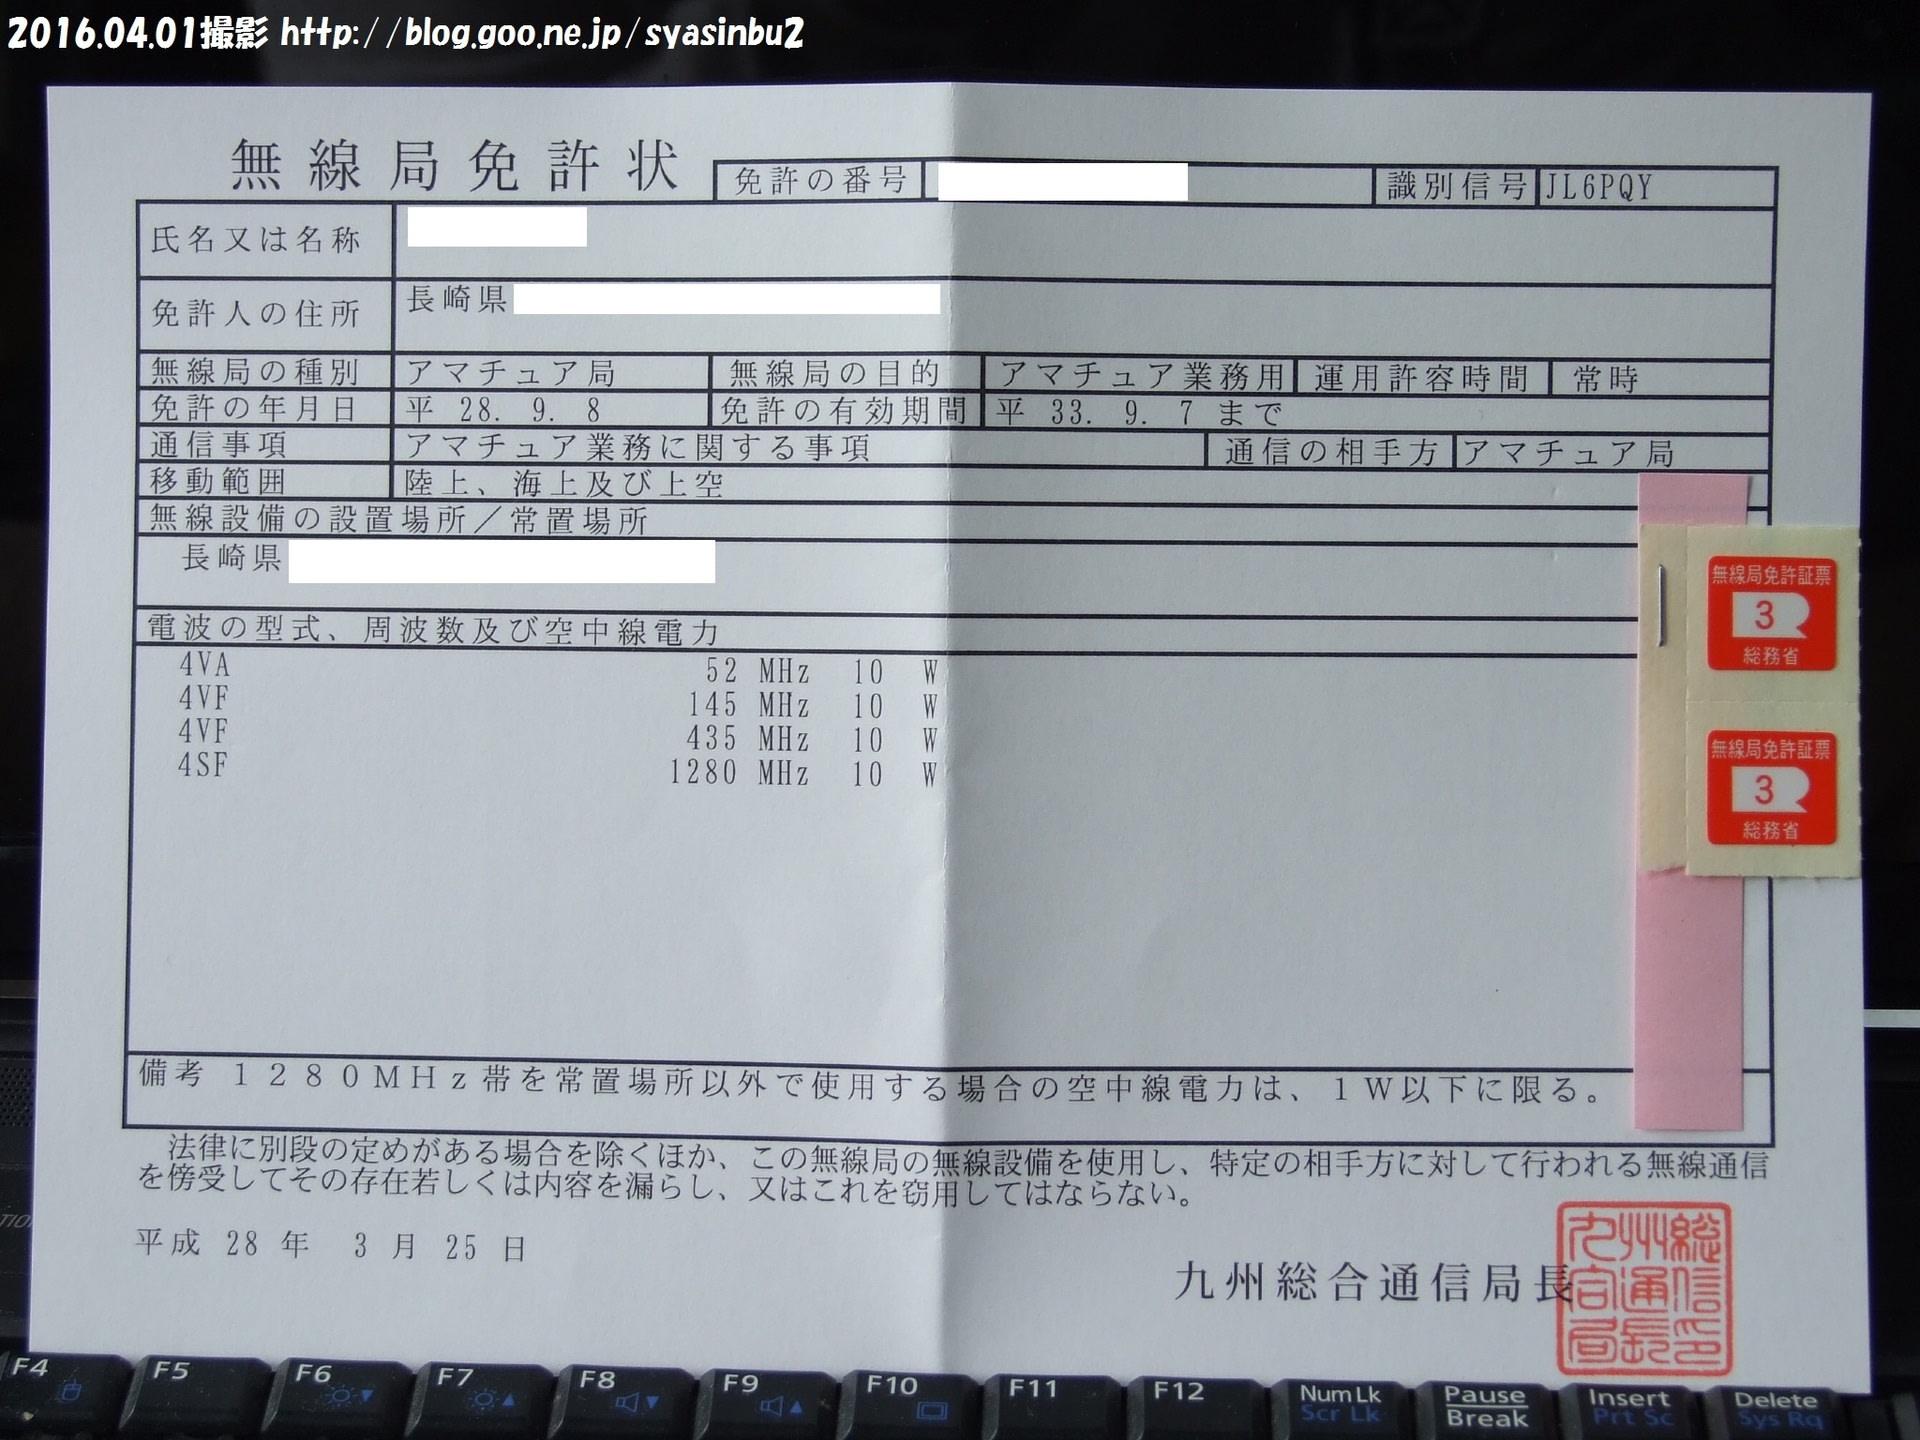 アマチュア無線局の新しい免許状(局免)来た~! - じぇーごは ...